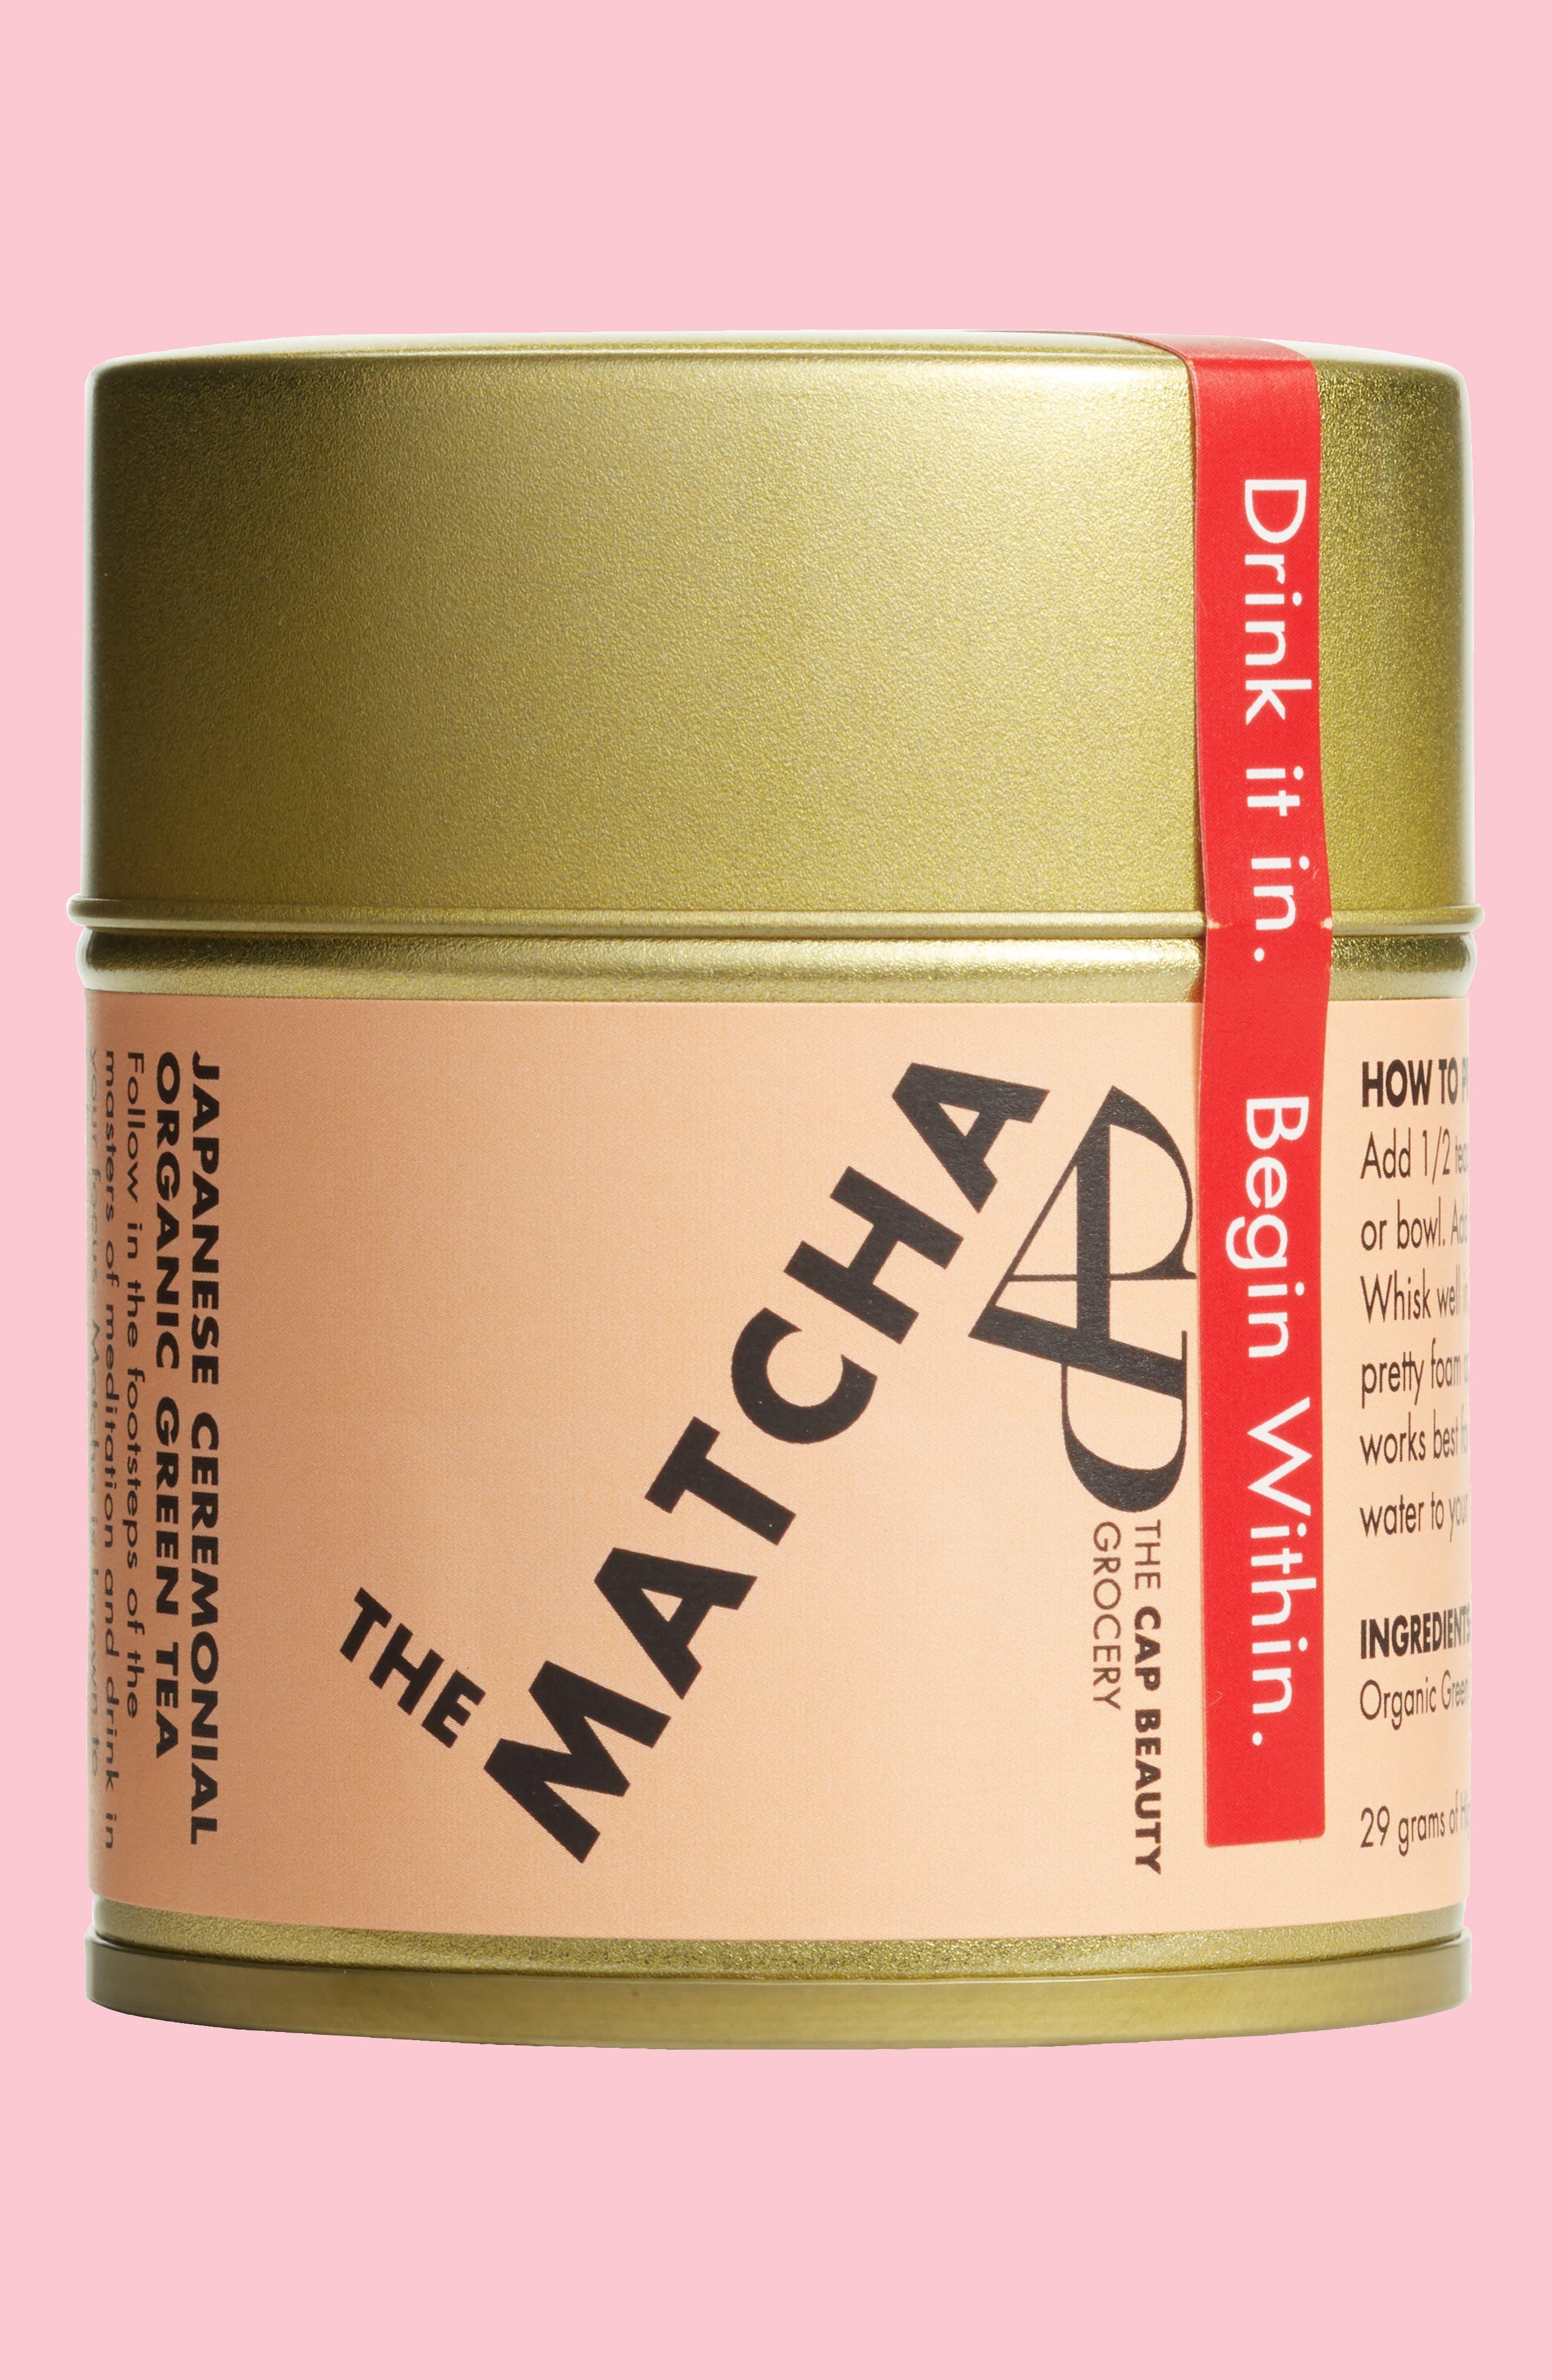 The Matcha Ceremonial Grade Matcha,                             Main thumbnail 1, color,                             None